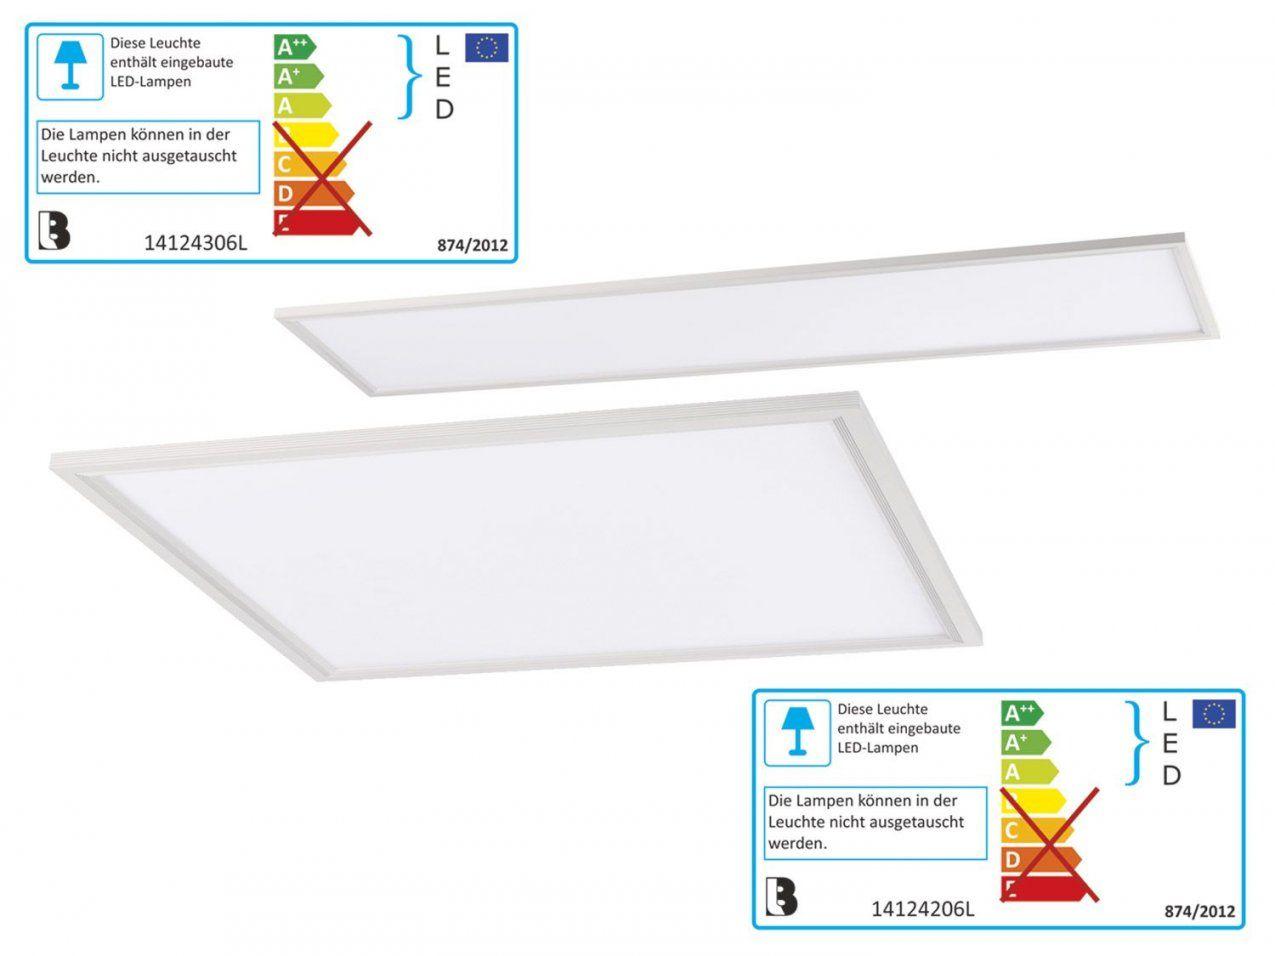 Livarno Lux® Ledleuchtpanel Mit Farbtonsteuerung  Lidl Deutschland von Livarno Lux Led Leuchtpanel Bild